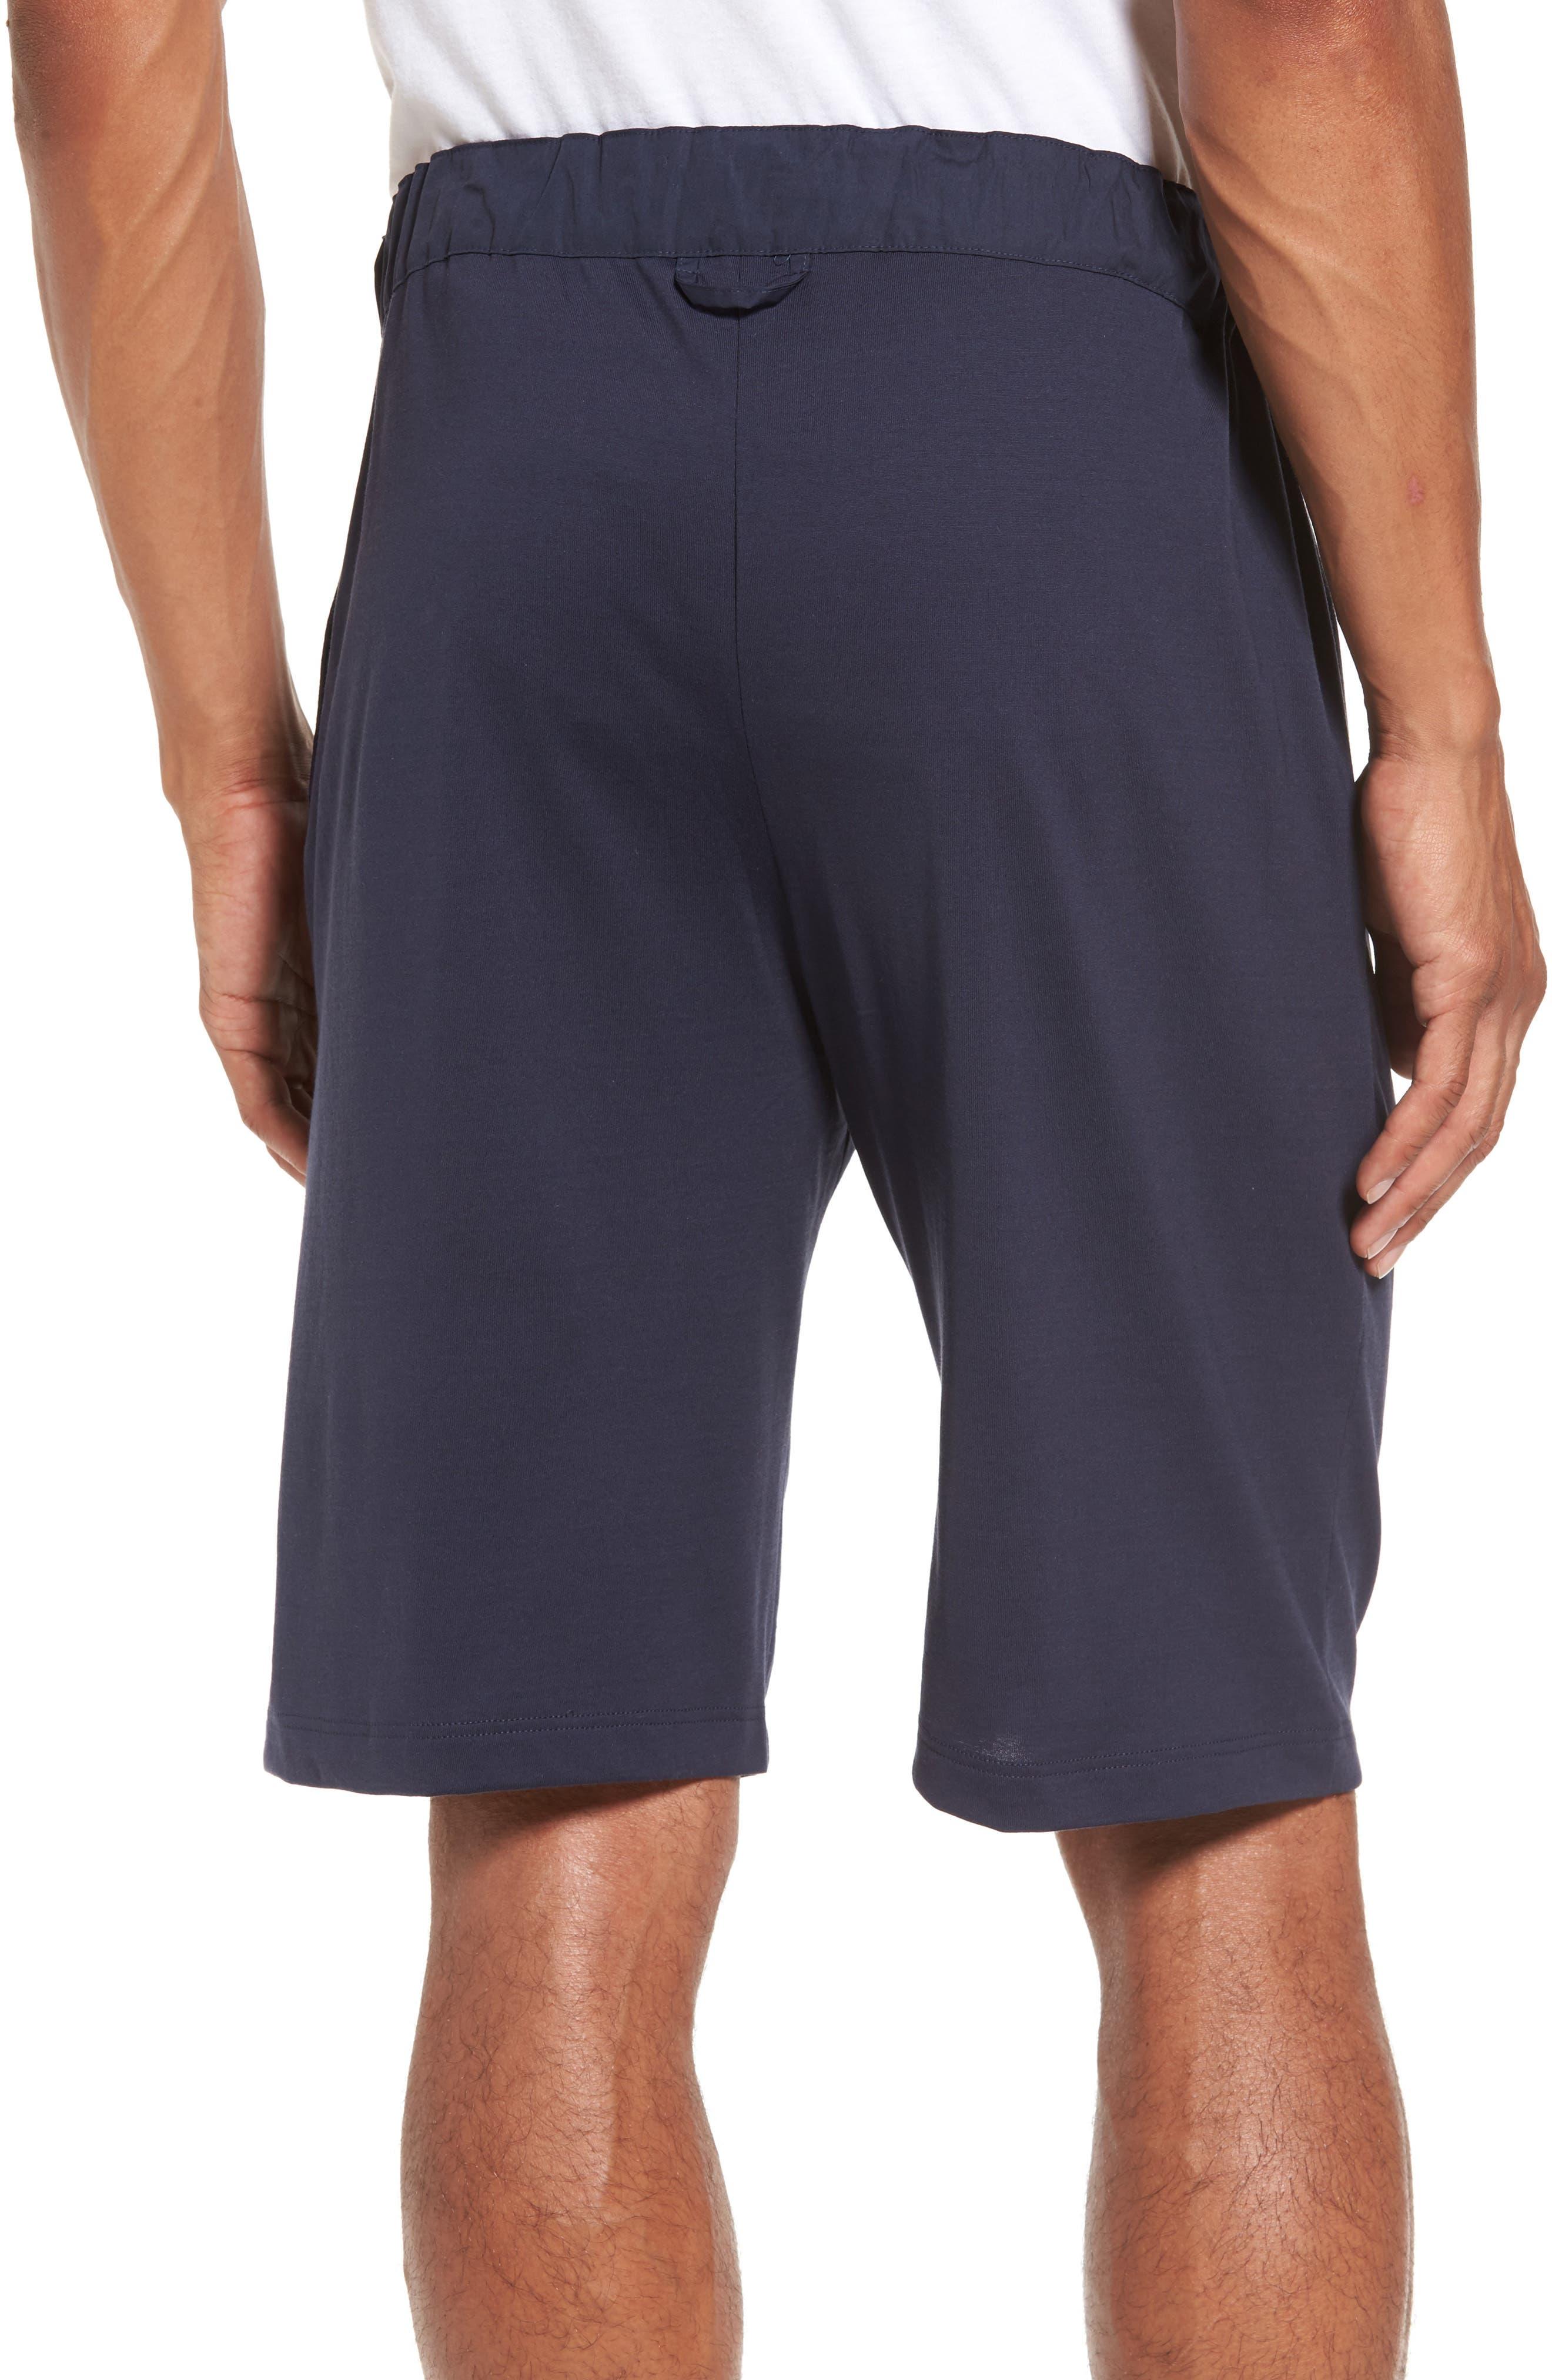 Alternate Image 2  - Hanro Night & Day Knit Shorts